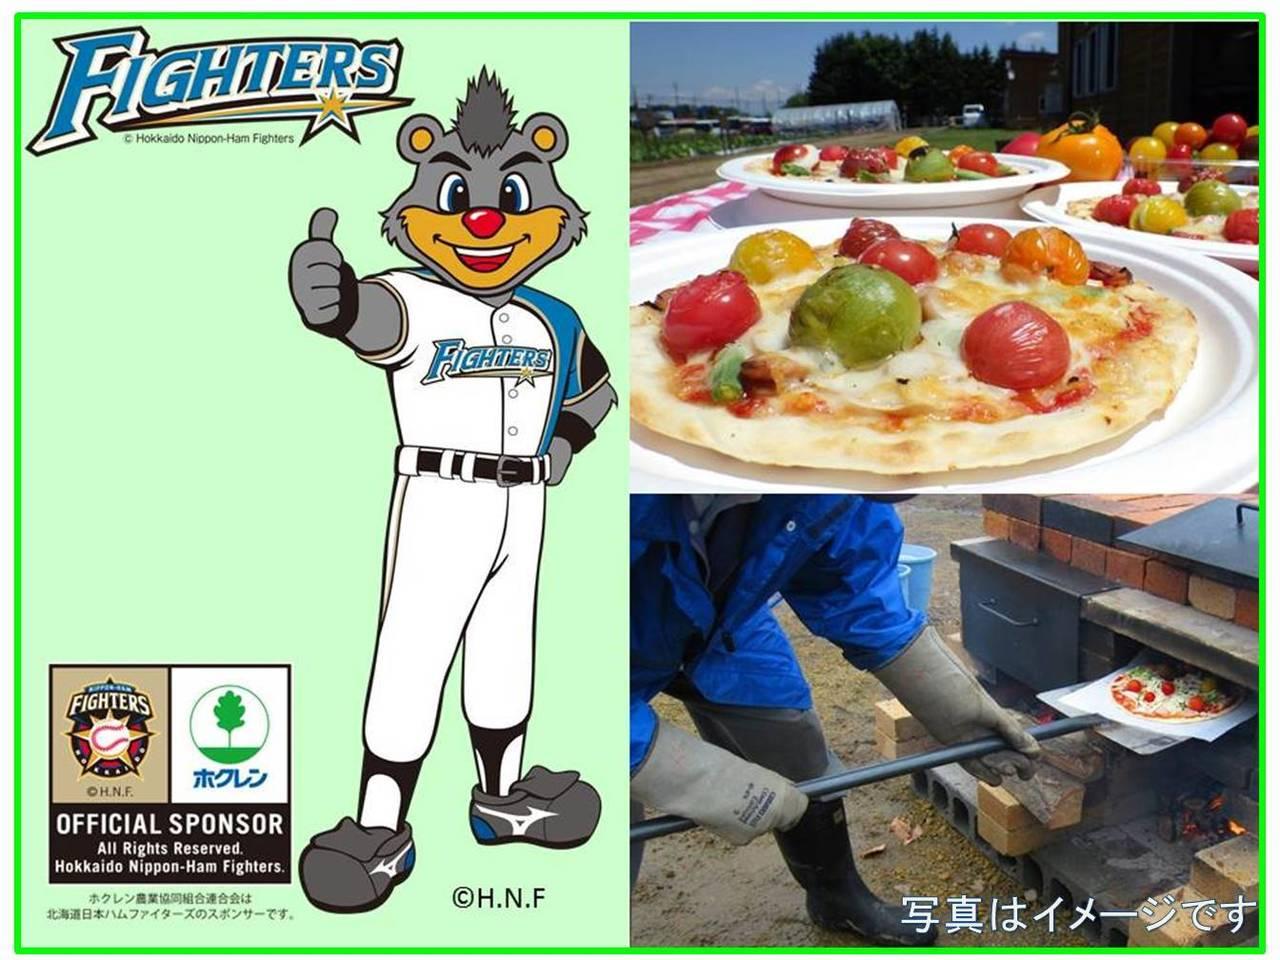 B☆Bと一緒に窯焼きピザを作ろう!